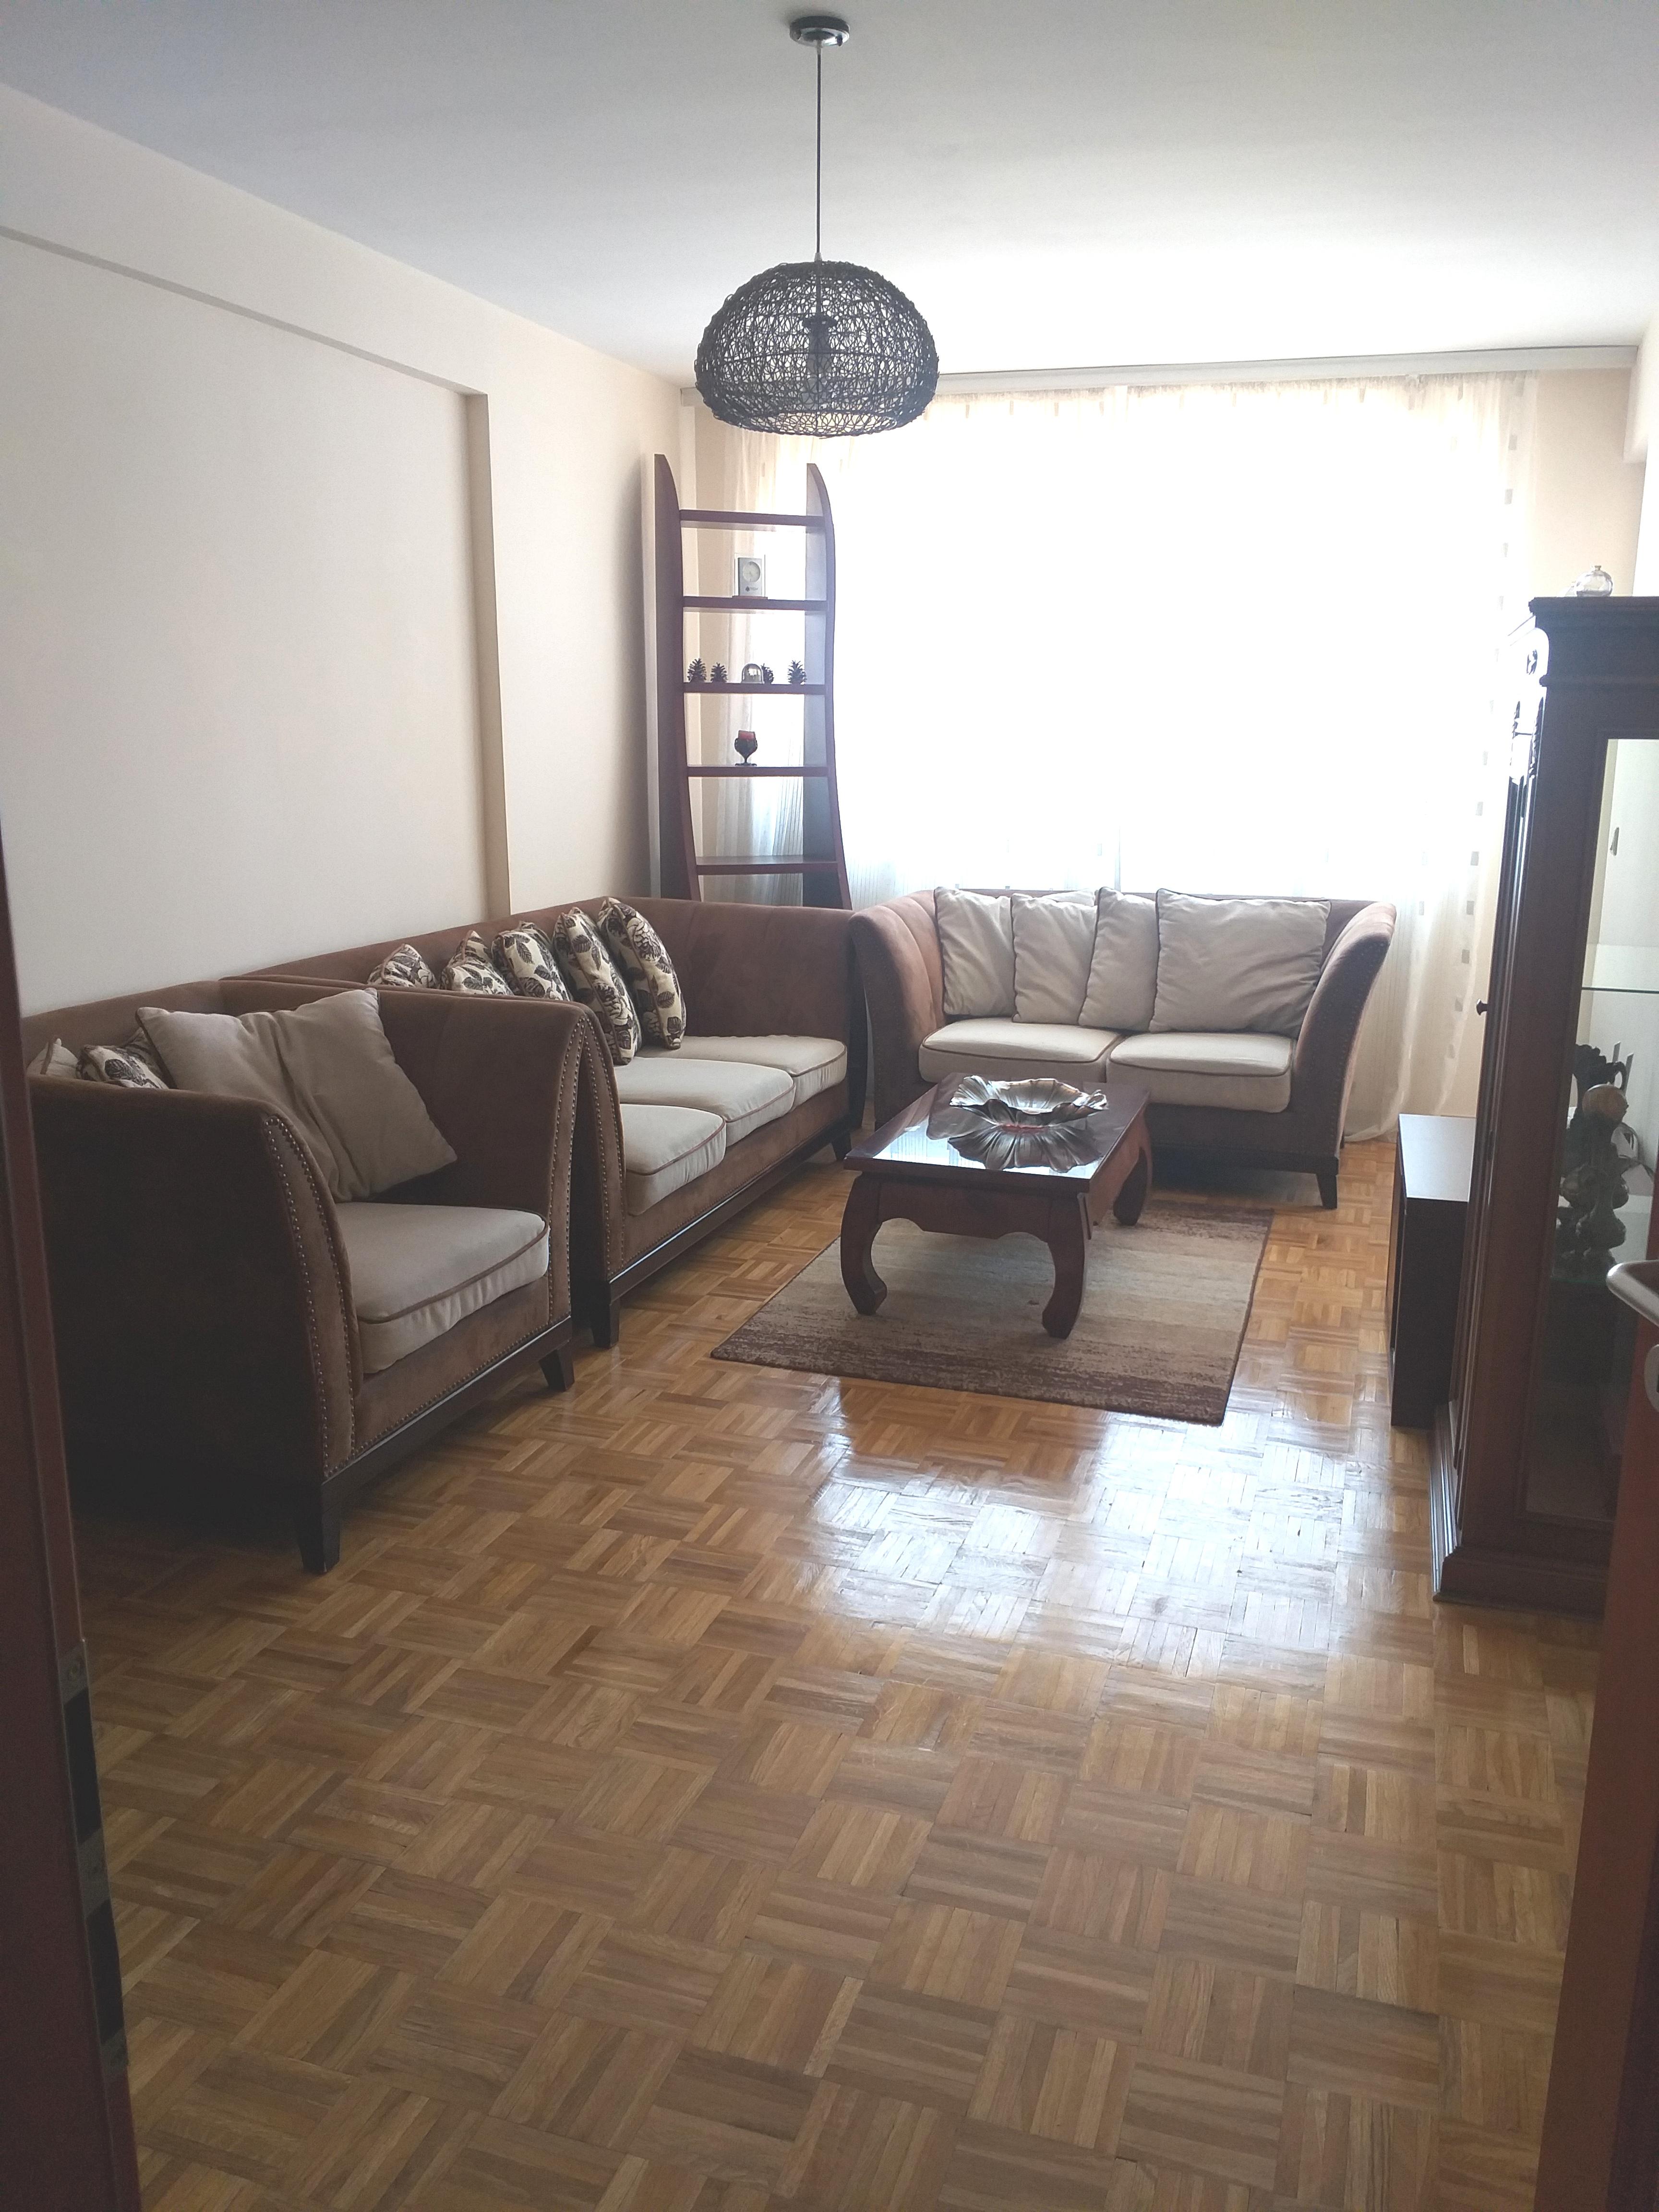 Ipet me qira banesa 2 dhomshe 65m2 kati 7 Fushë Kosovë